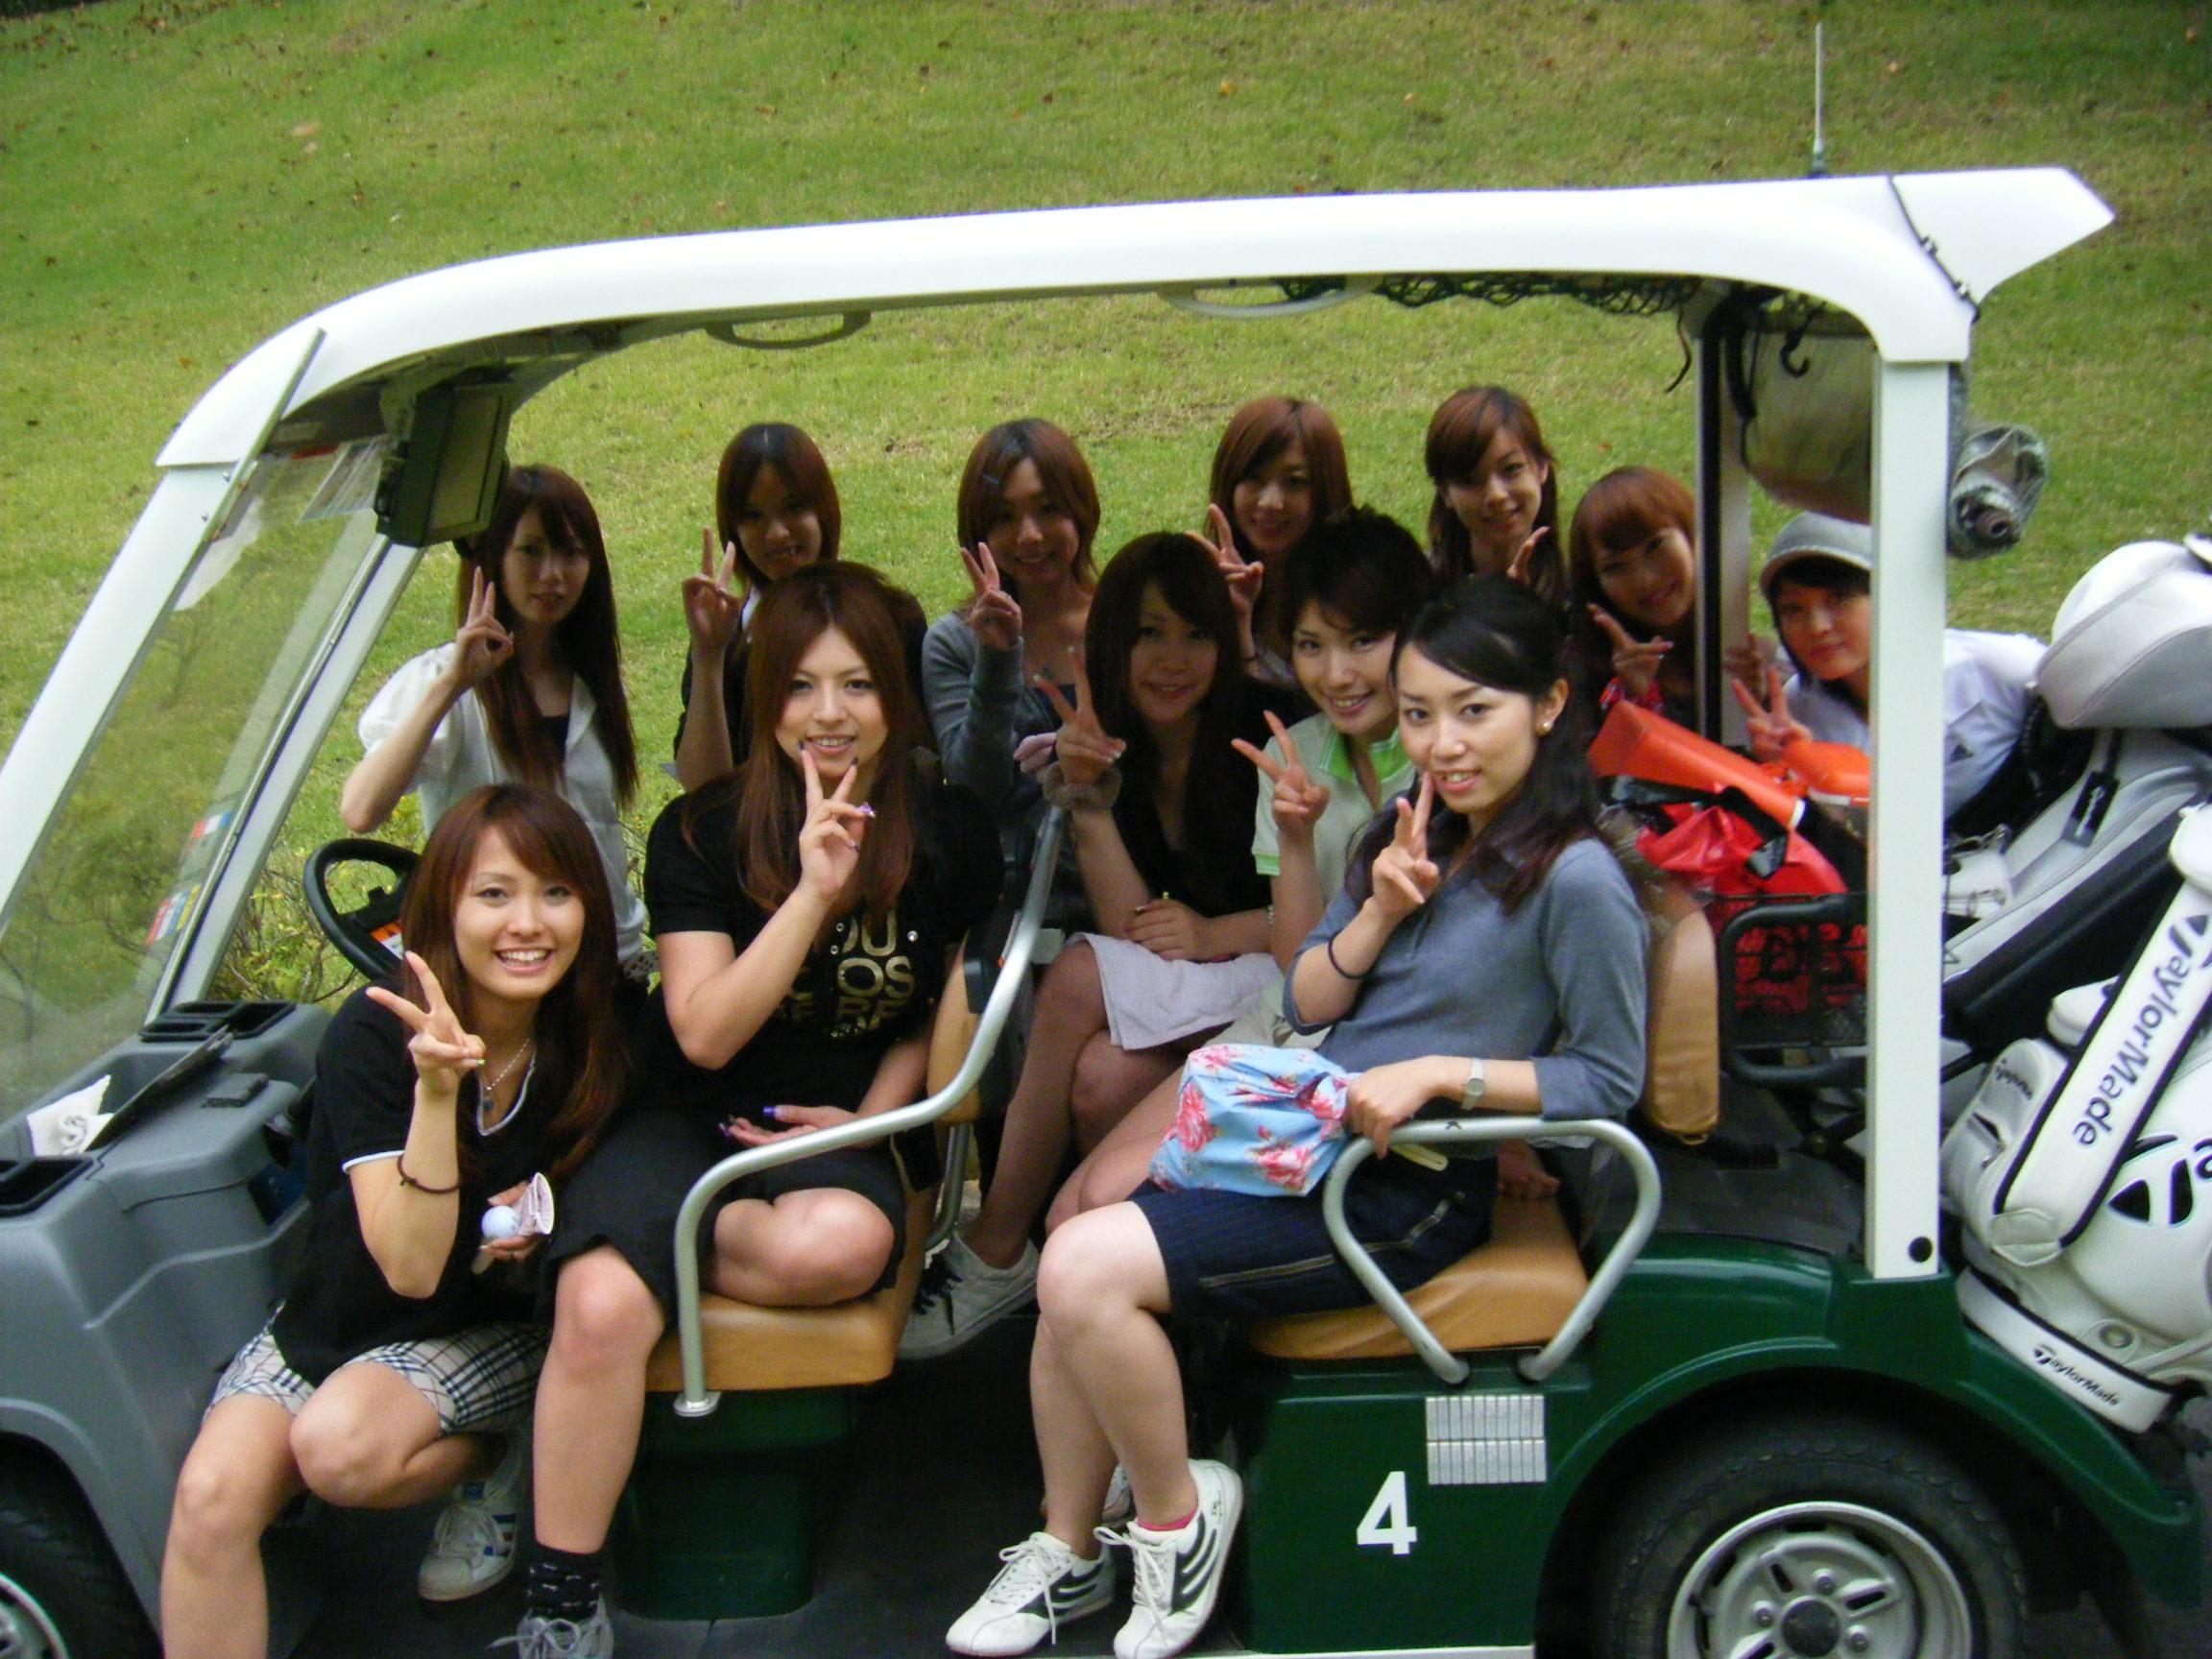 Tinkaイベントブログ       11/14ガールズゴルフ【ティンカ】     コメントトラックバック                  tinkagte